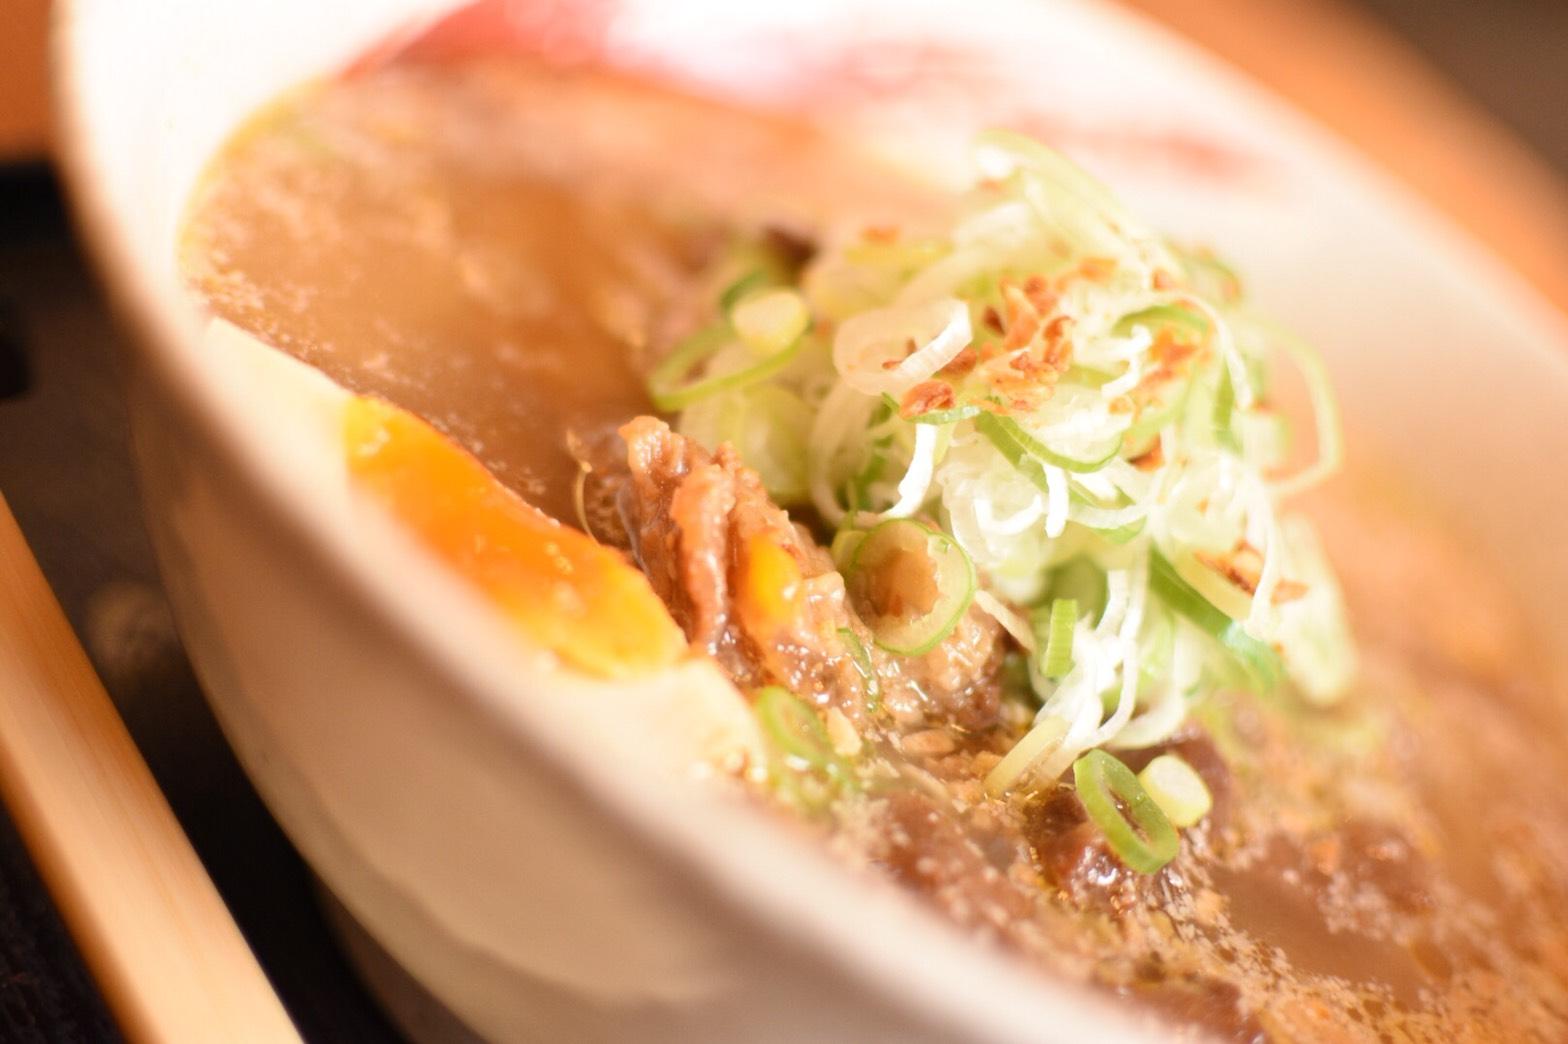 土佐ジローを使った、こだわりのスープで頂く贅沢な一杯。「拉麺食工房 まる家」